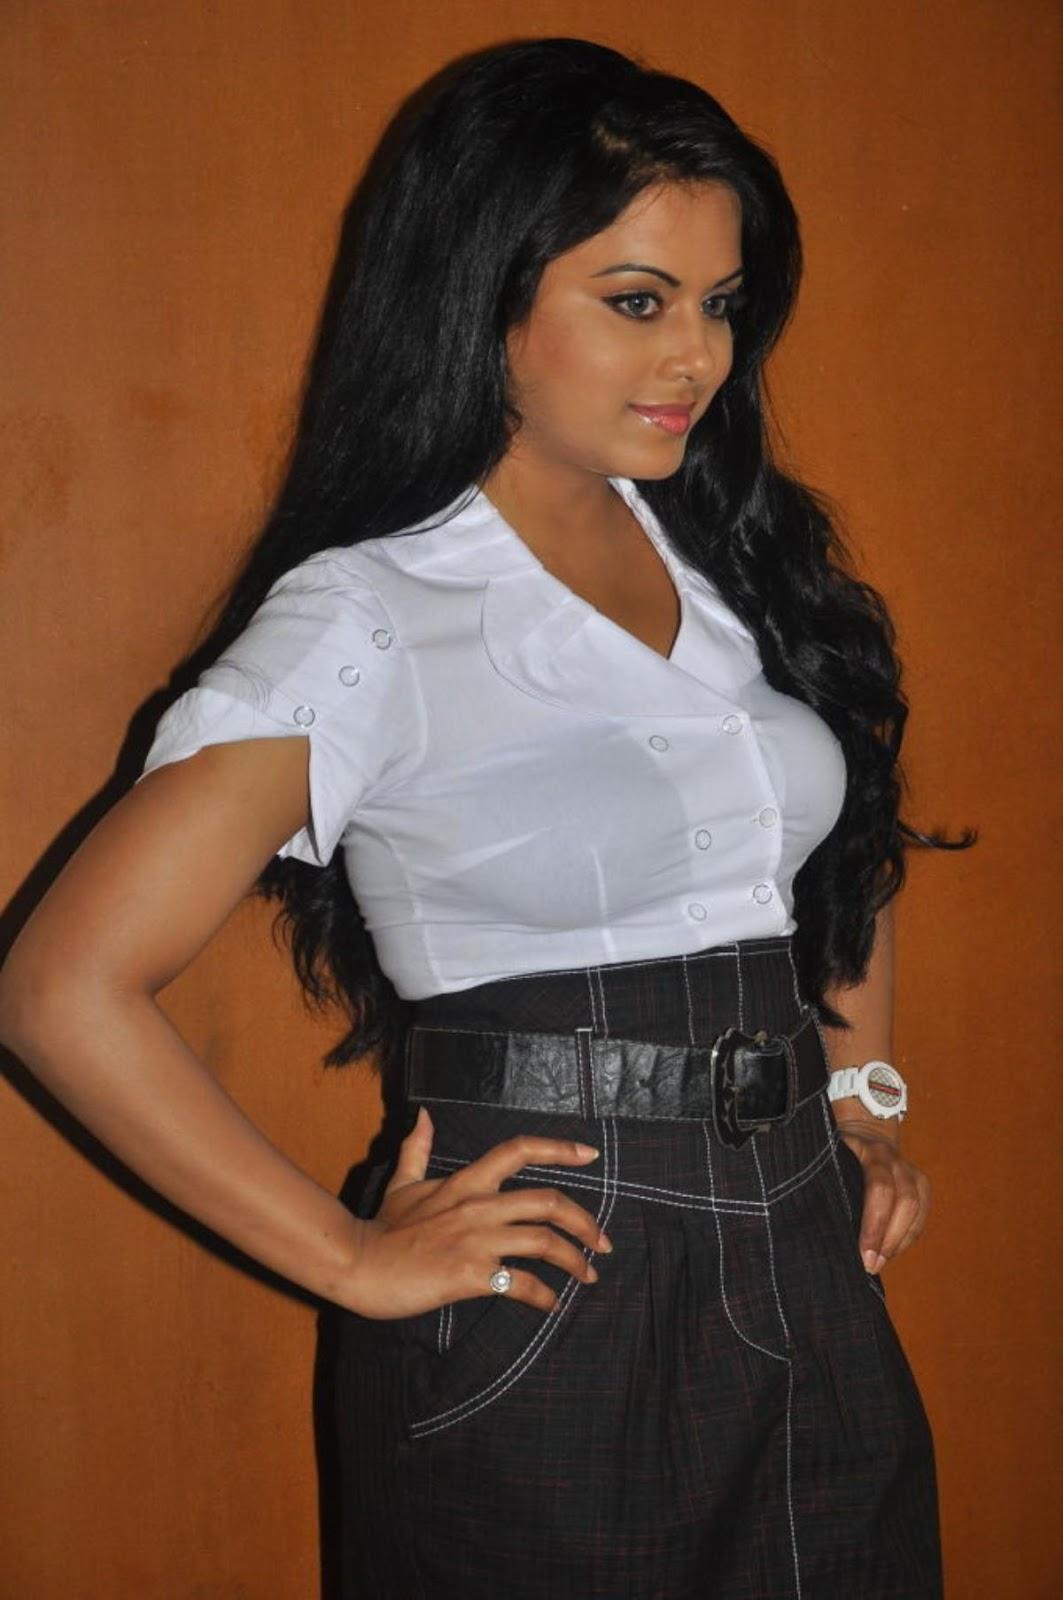 ரக்ஷனா மௌரியா | RACHANA MOURYA Rachan22